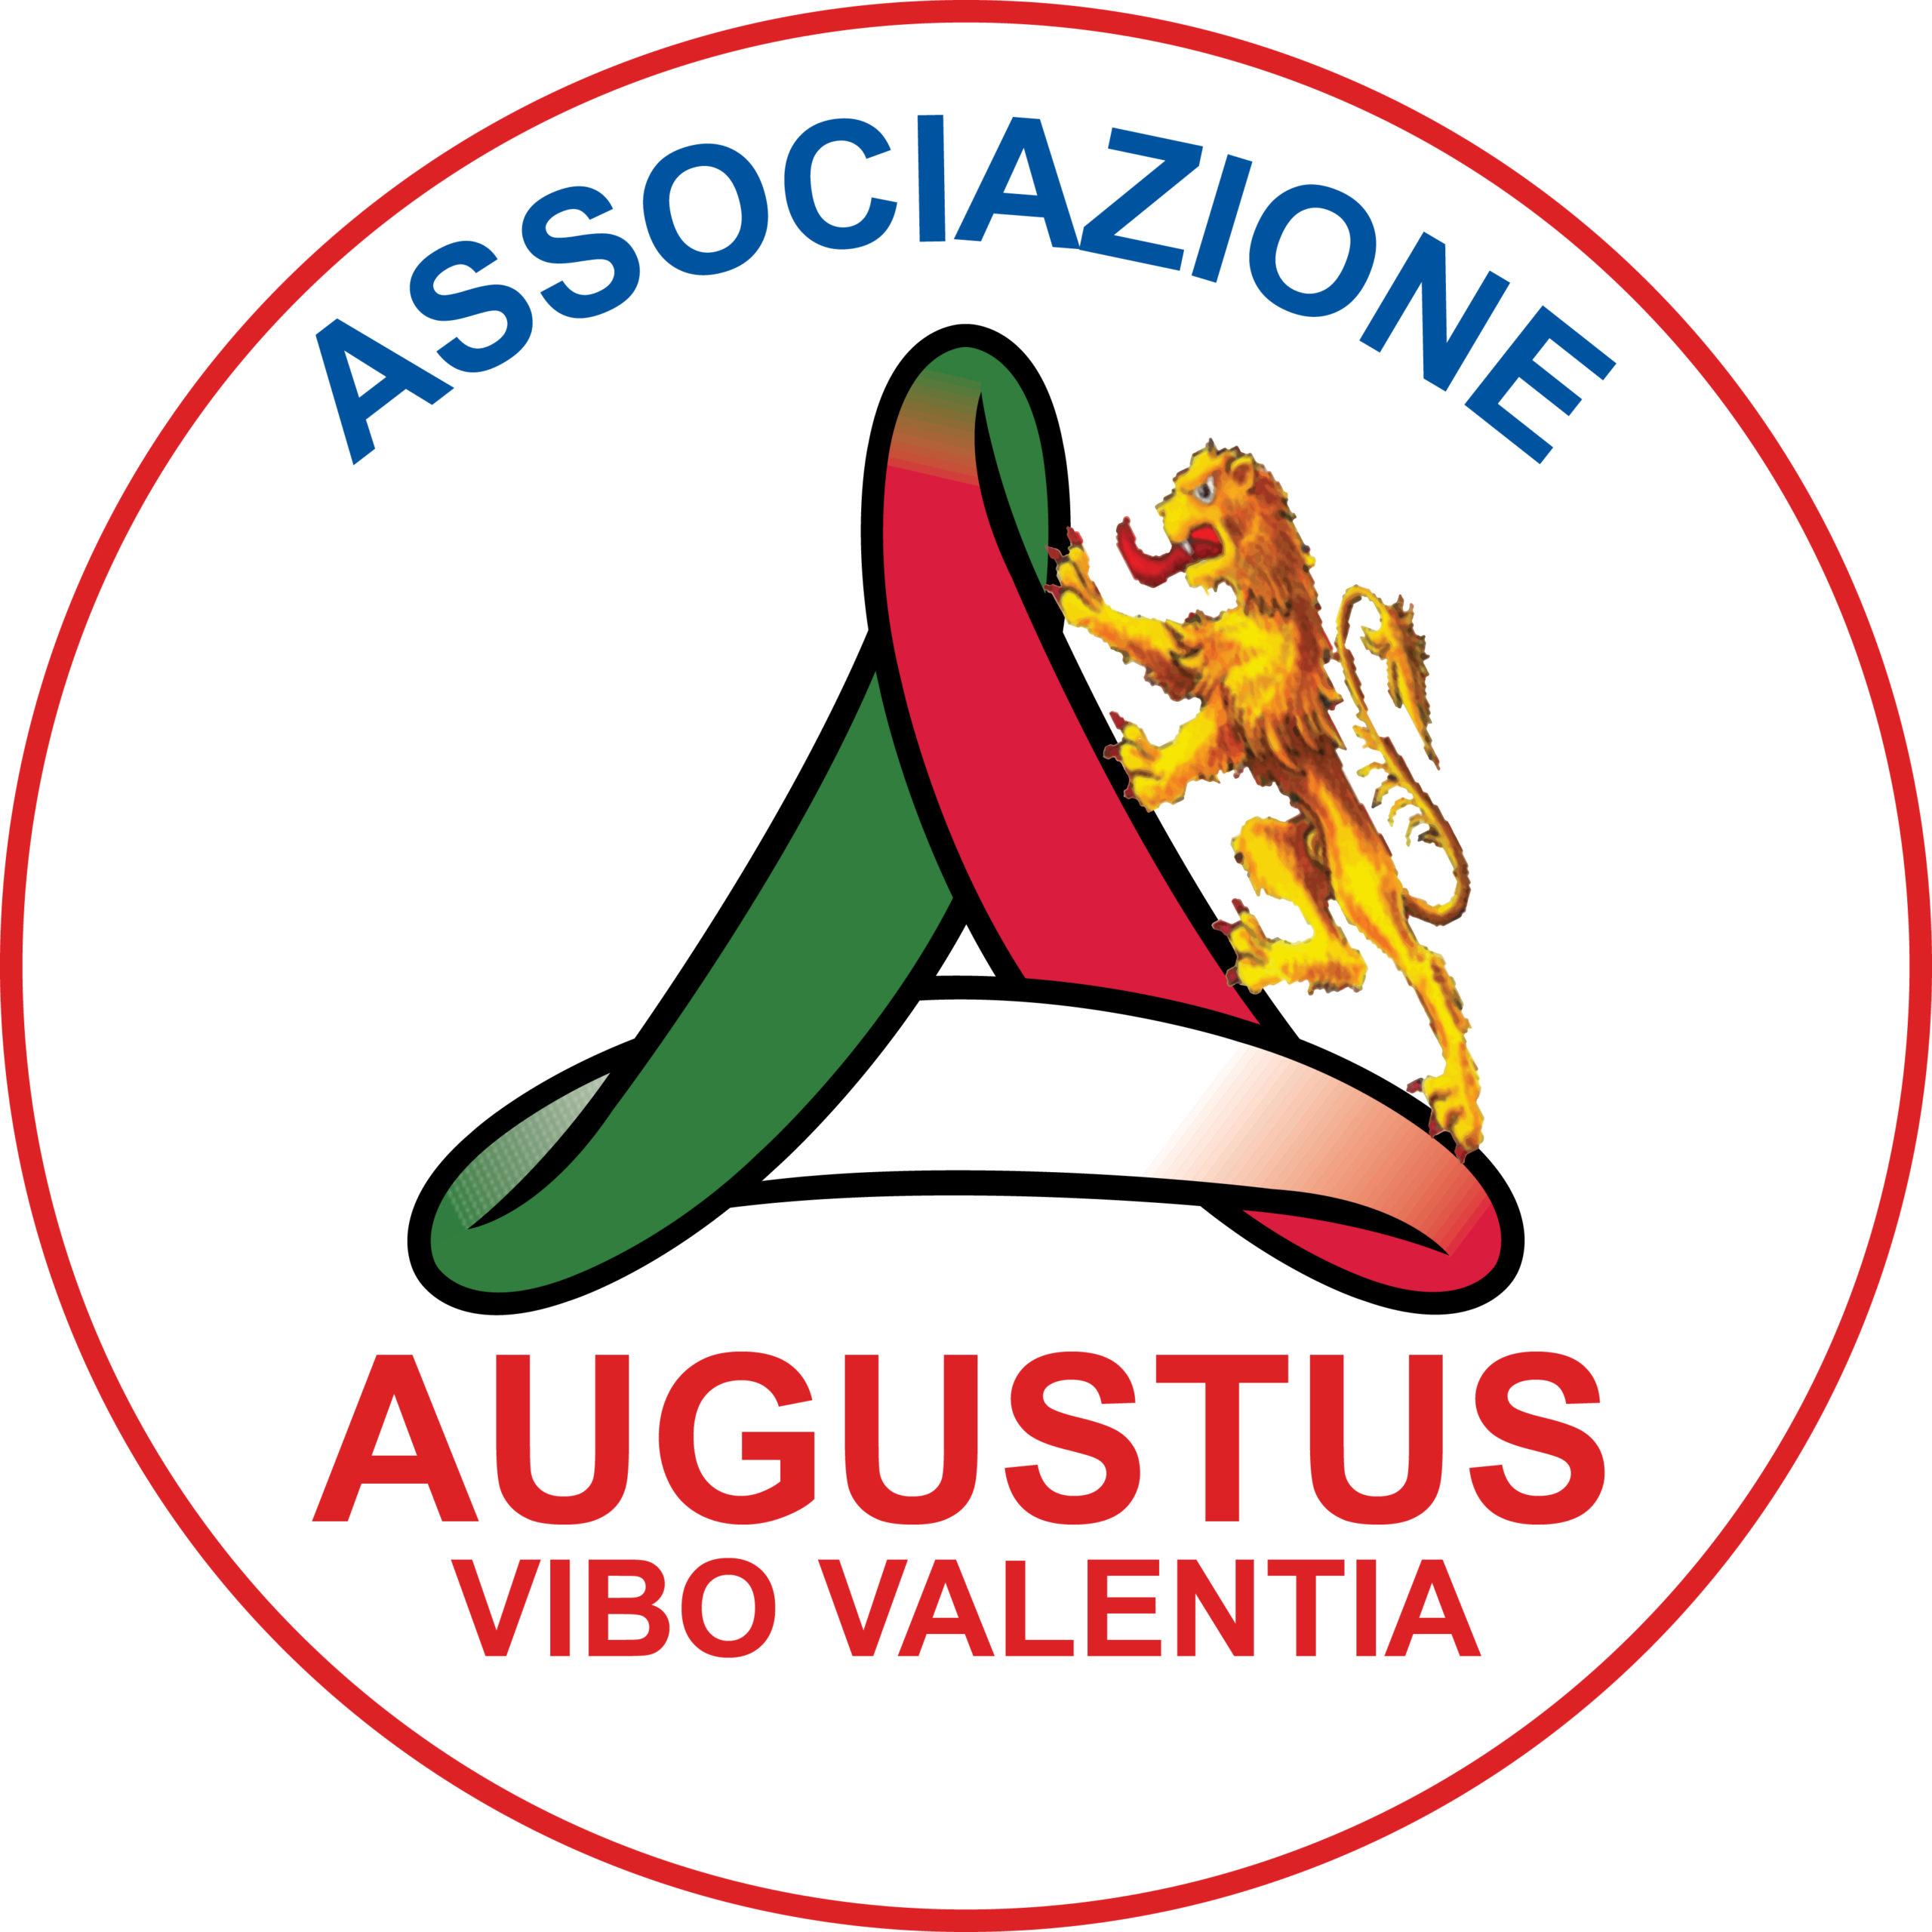 Augustus Vibo Valentia